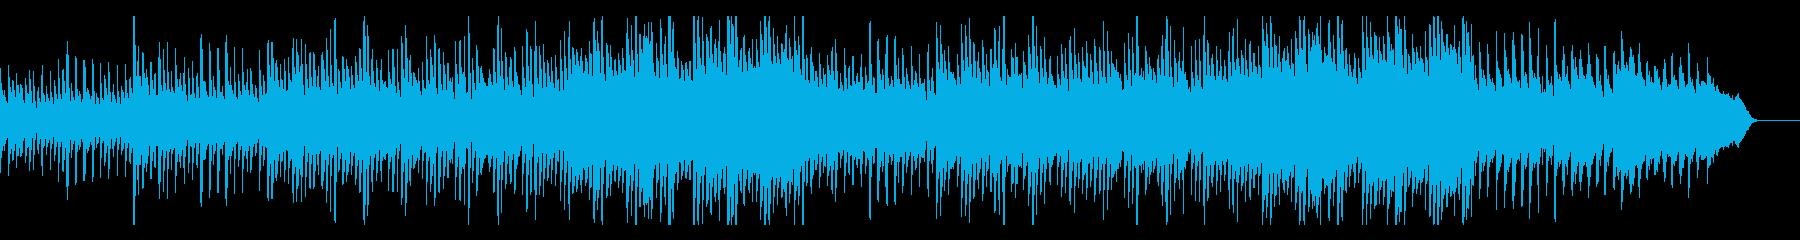 優しいクラシカルなコーポレート・オケ入りの再生済みの波形